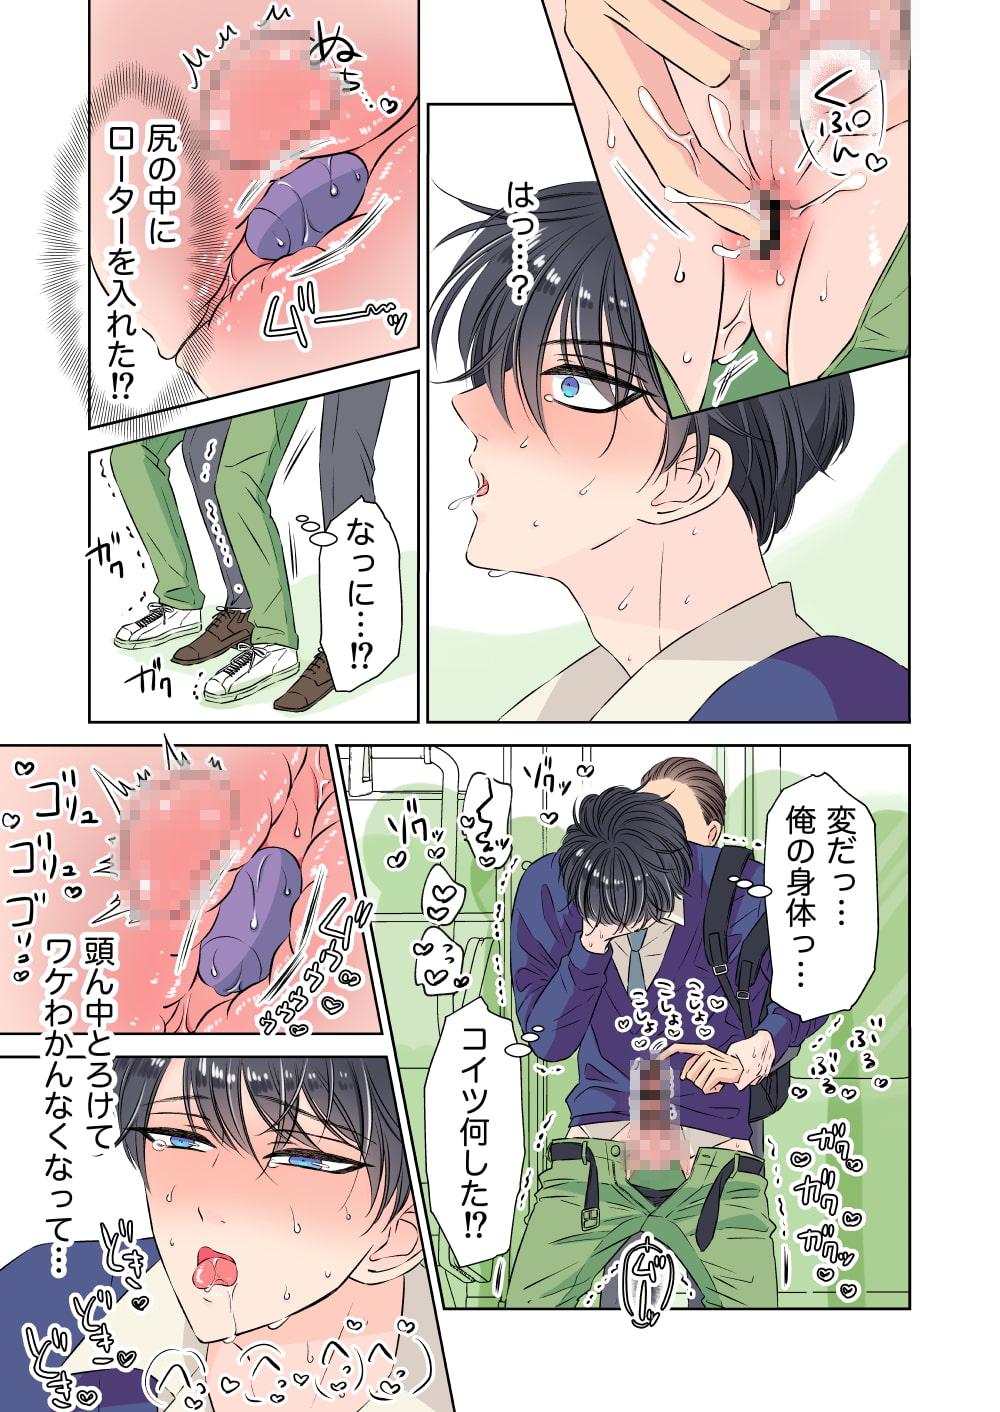 イケメン彼氏シリーズ Vol.1 ー彼女持ちのノンケ彼氏が淫ら墜ちー